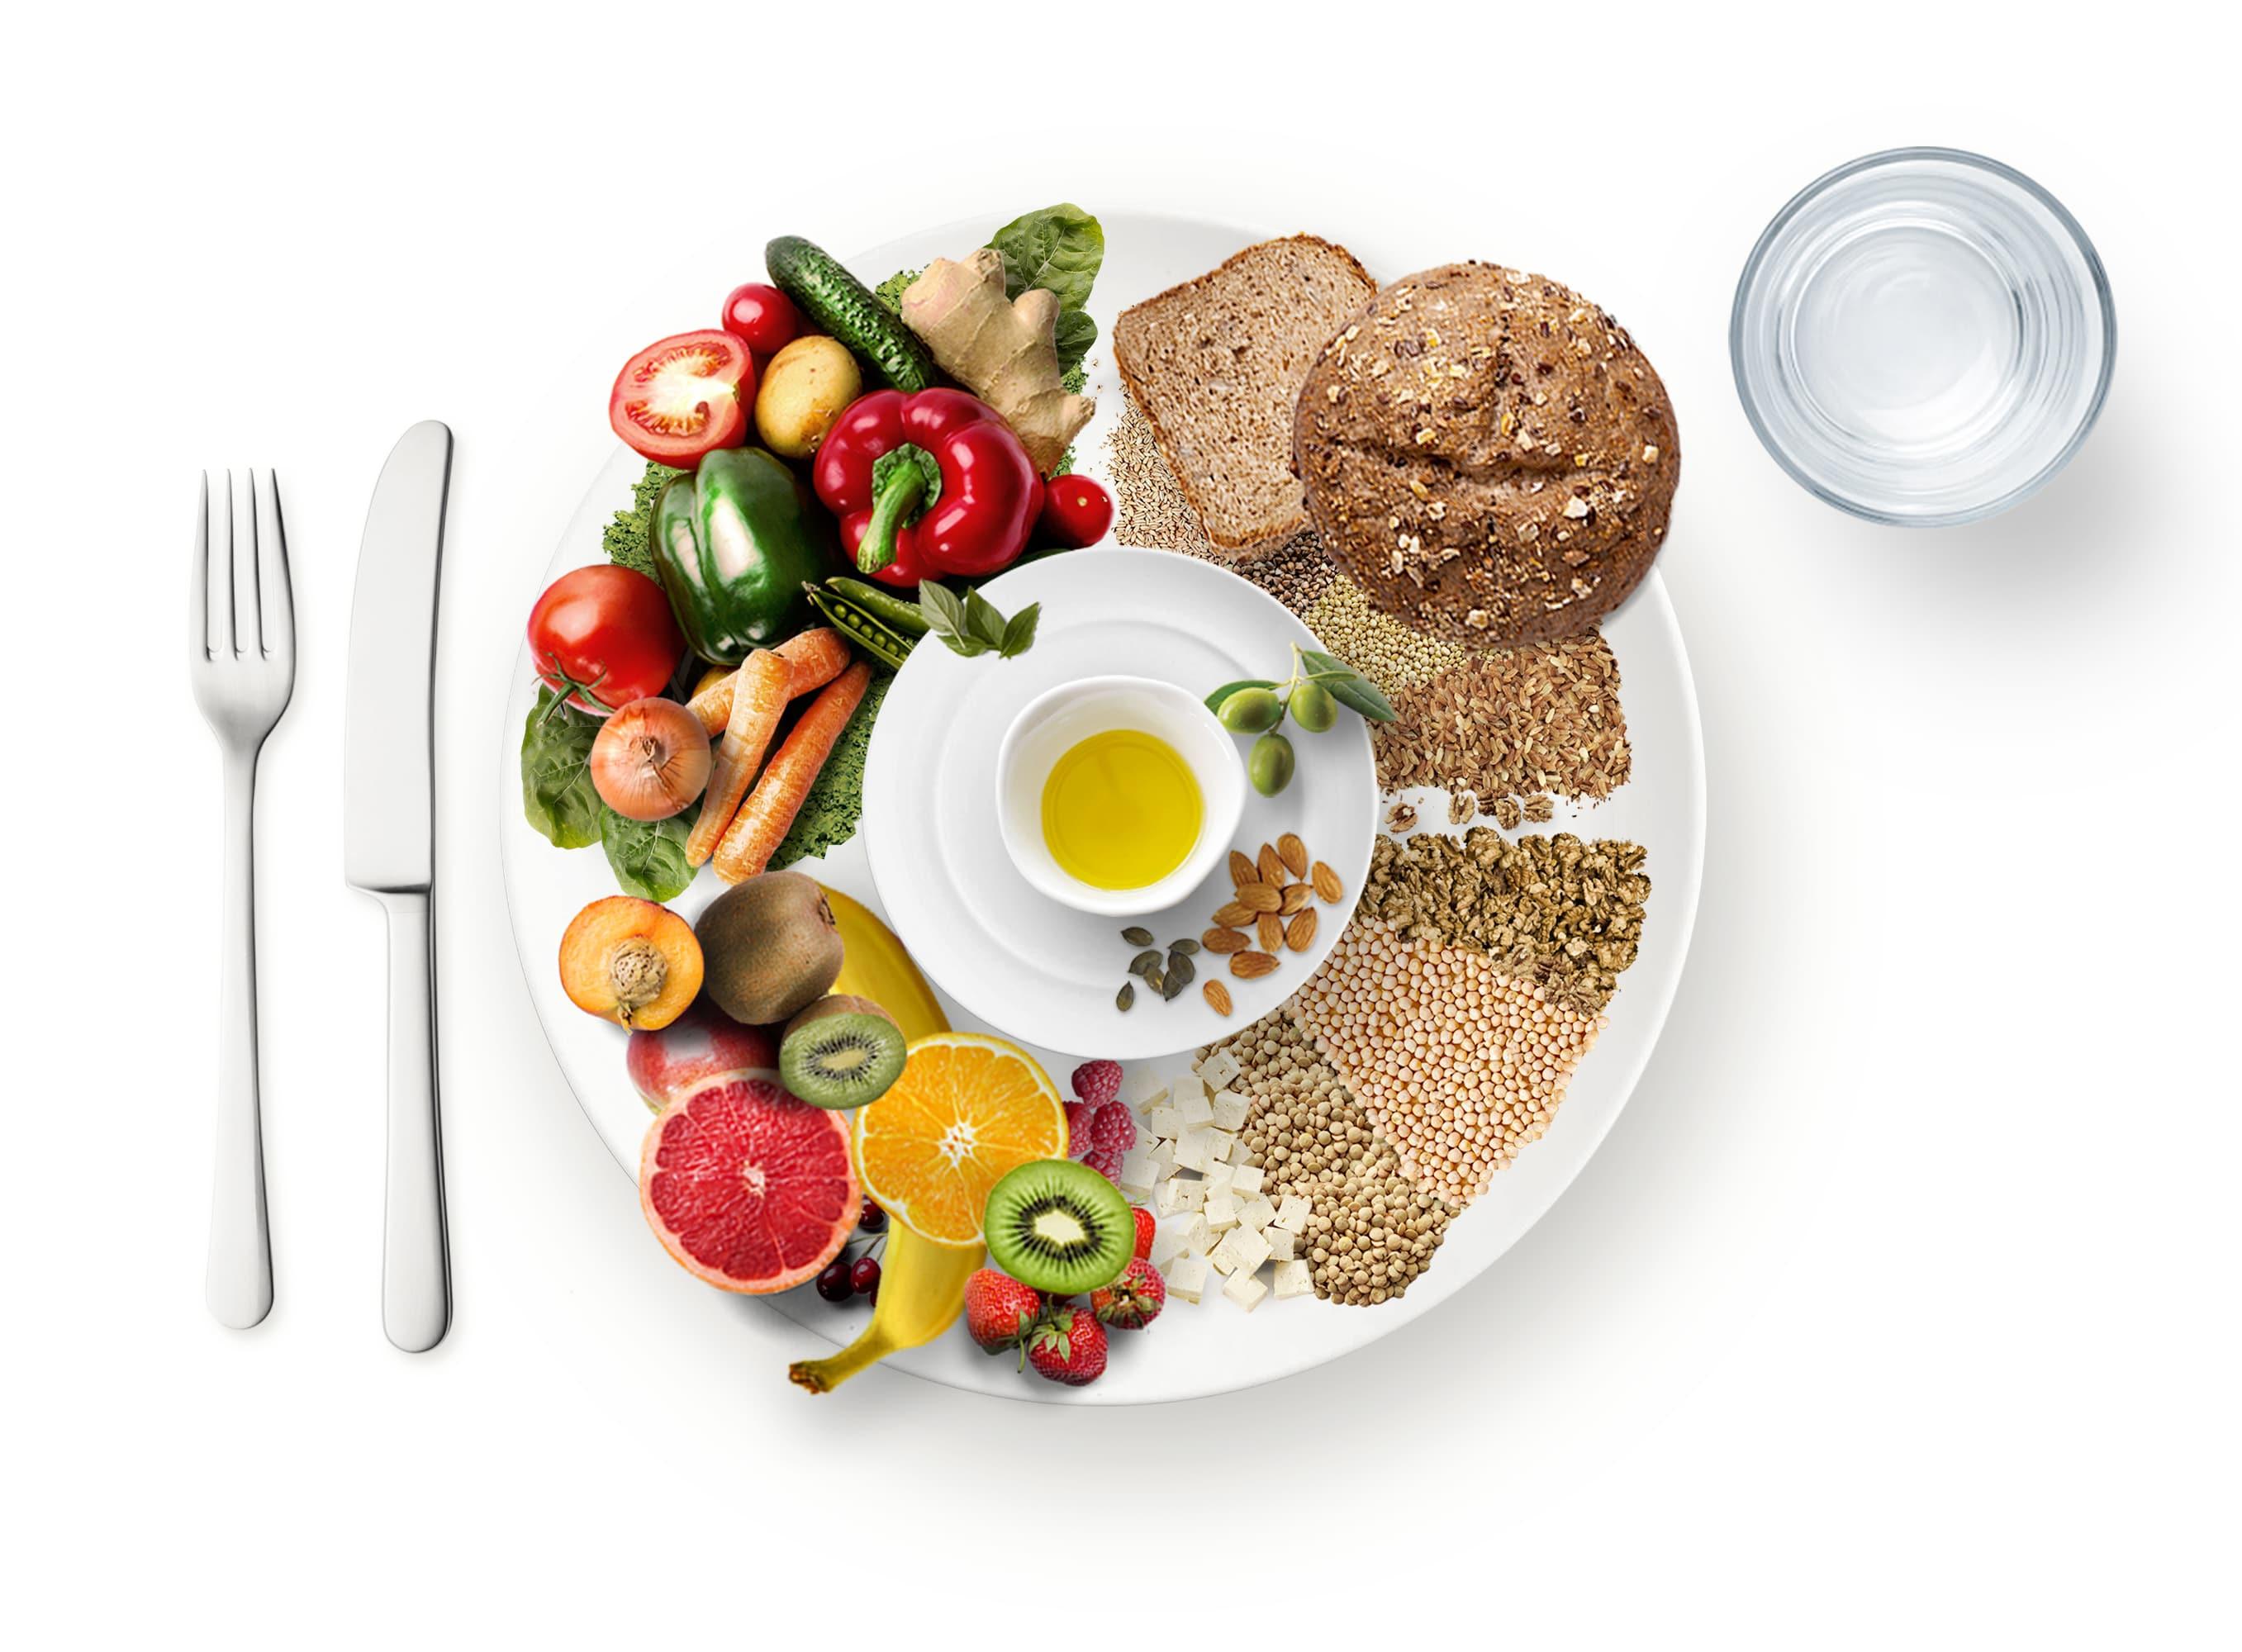 สิ่งที่ต้องคำนึงถึงเมื่อจะทำอาหารเพื่อสุขภาพ